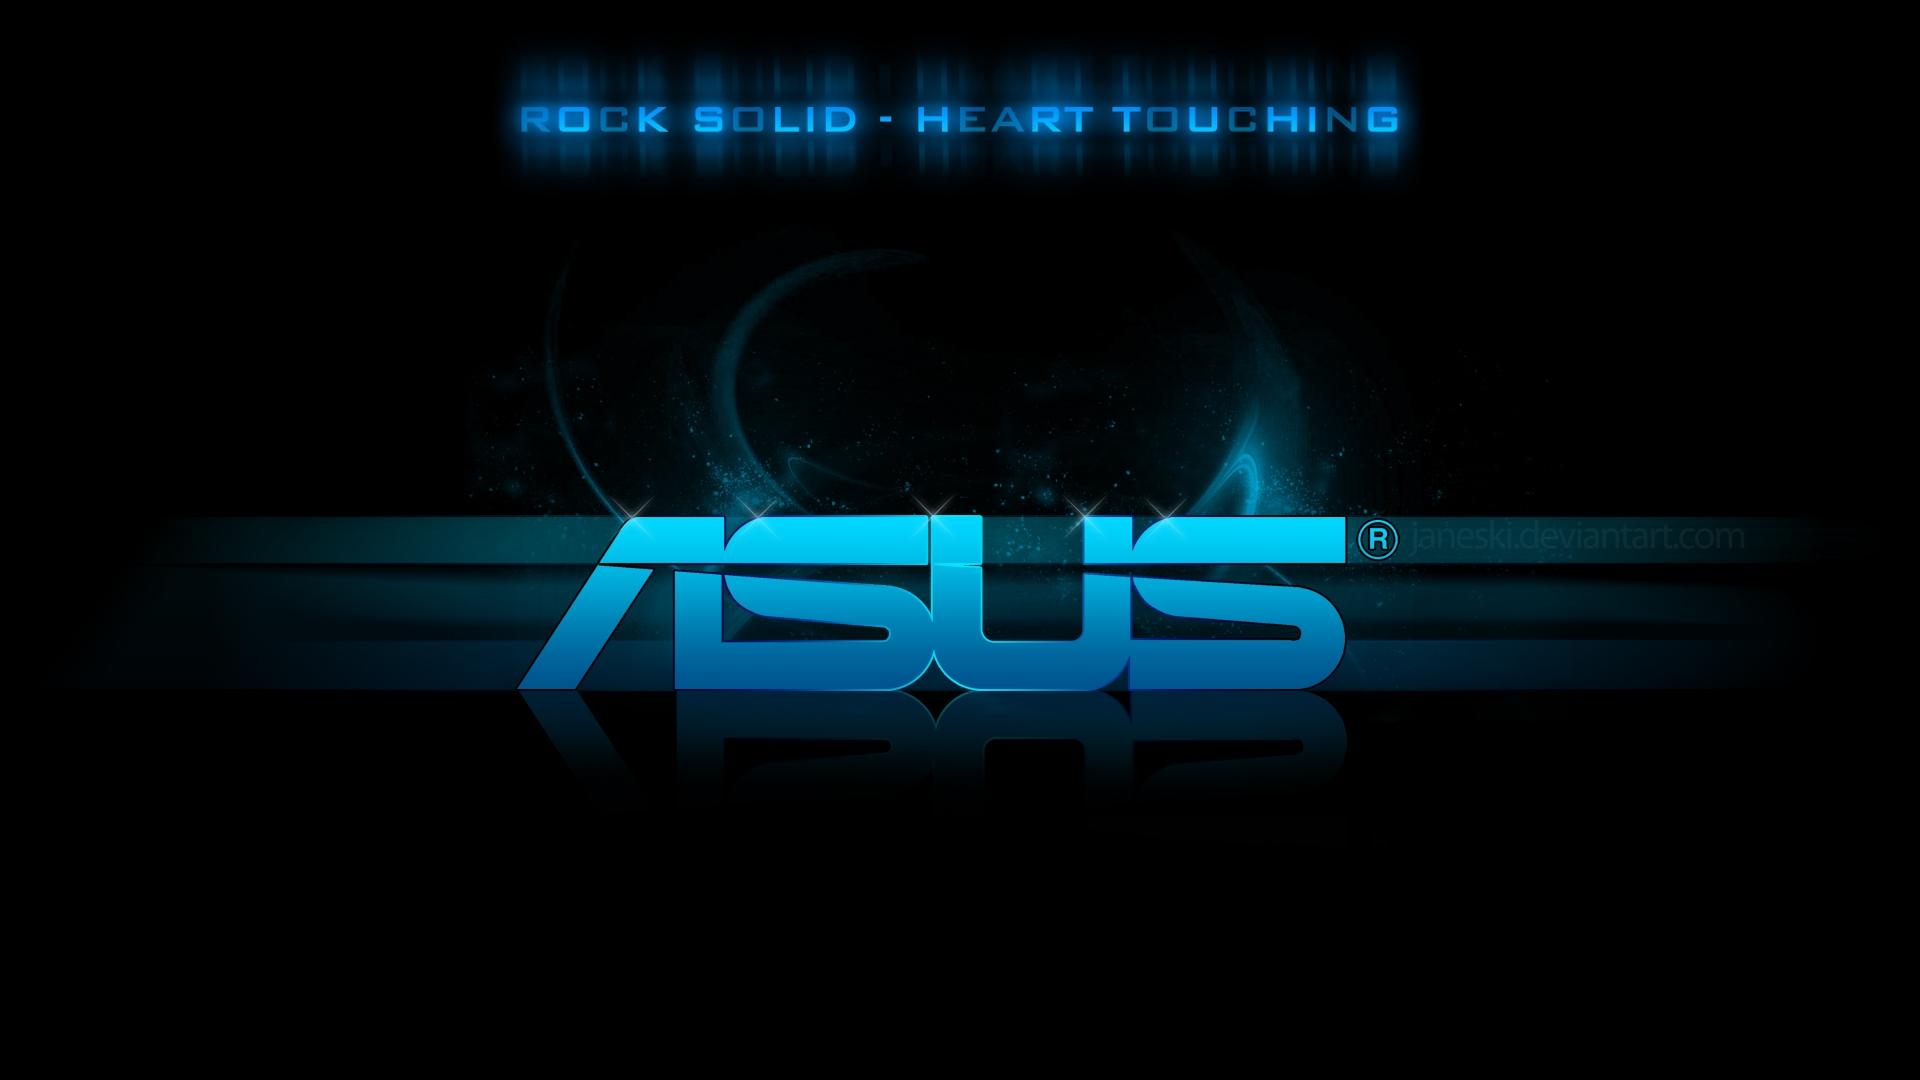 Download Wallpaper 1920x1080 Asus Logo Blue Black Full Hd 1080p